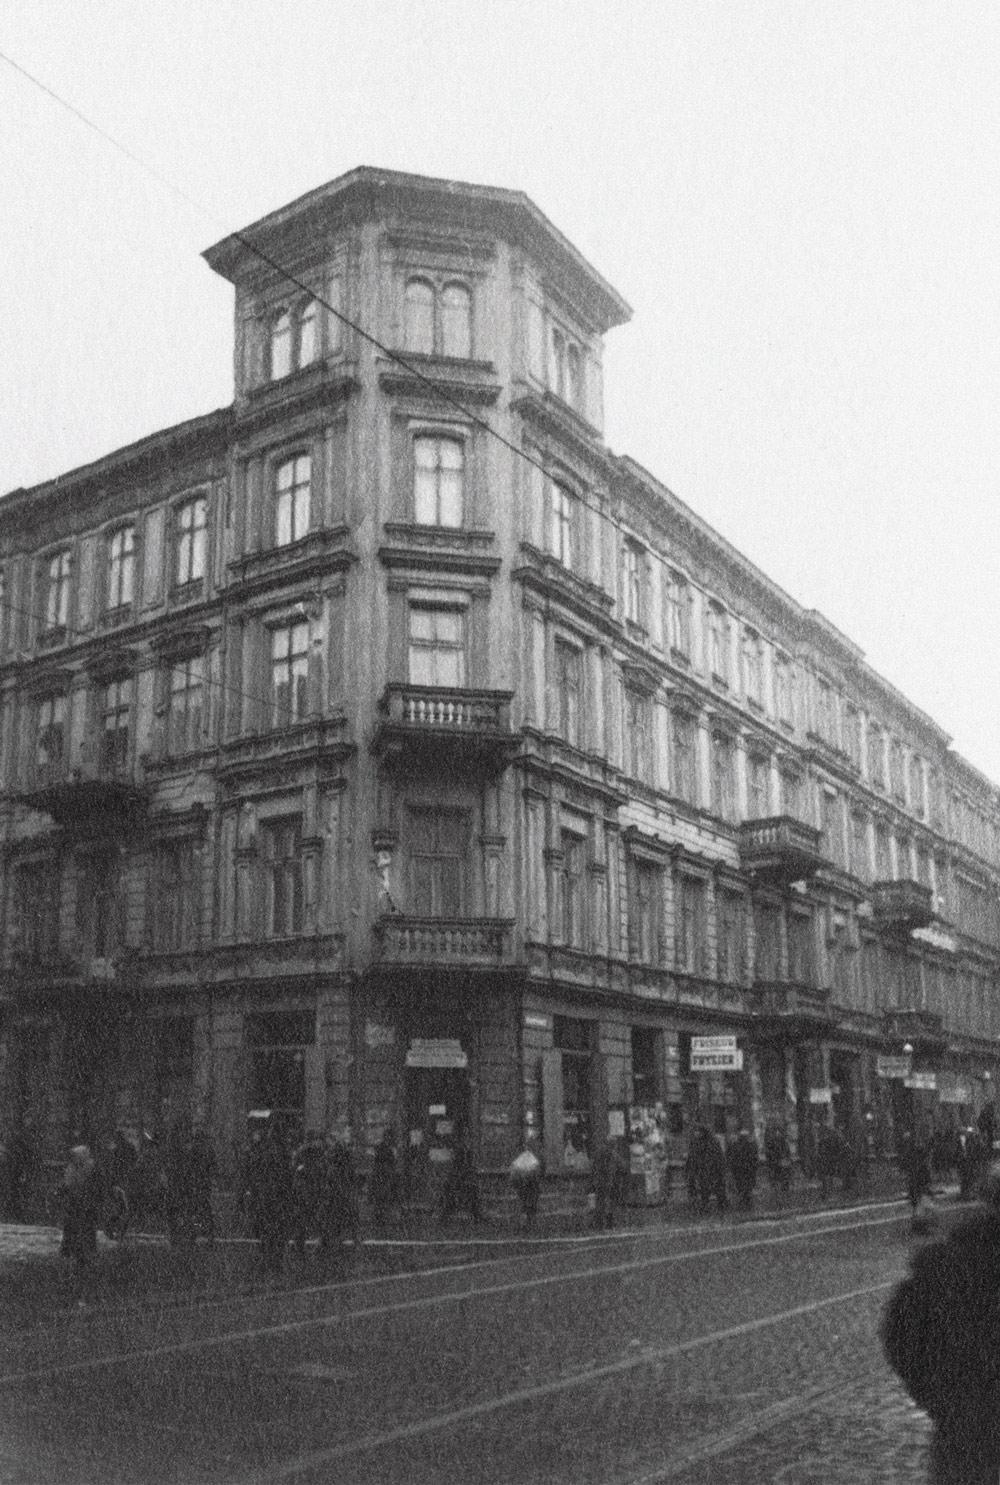 Wielka 7 róg Złotej 21, 1941 rok. Fot. APW/Referat Gabarytów